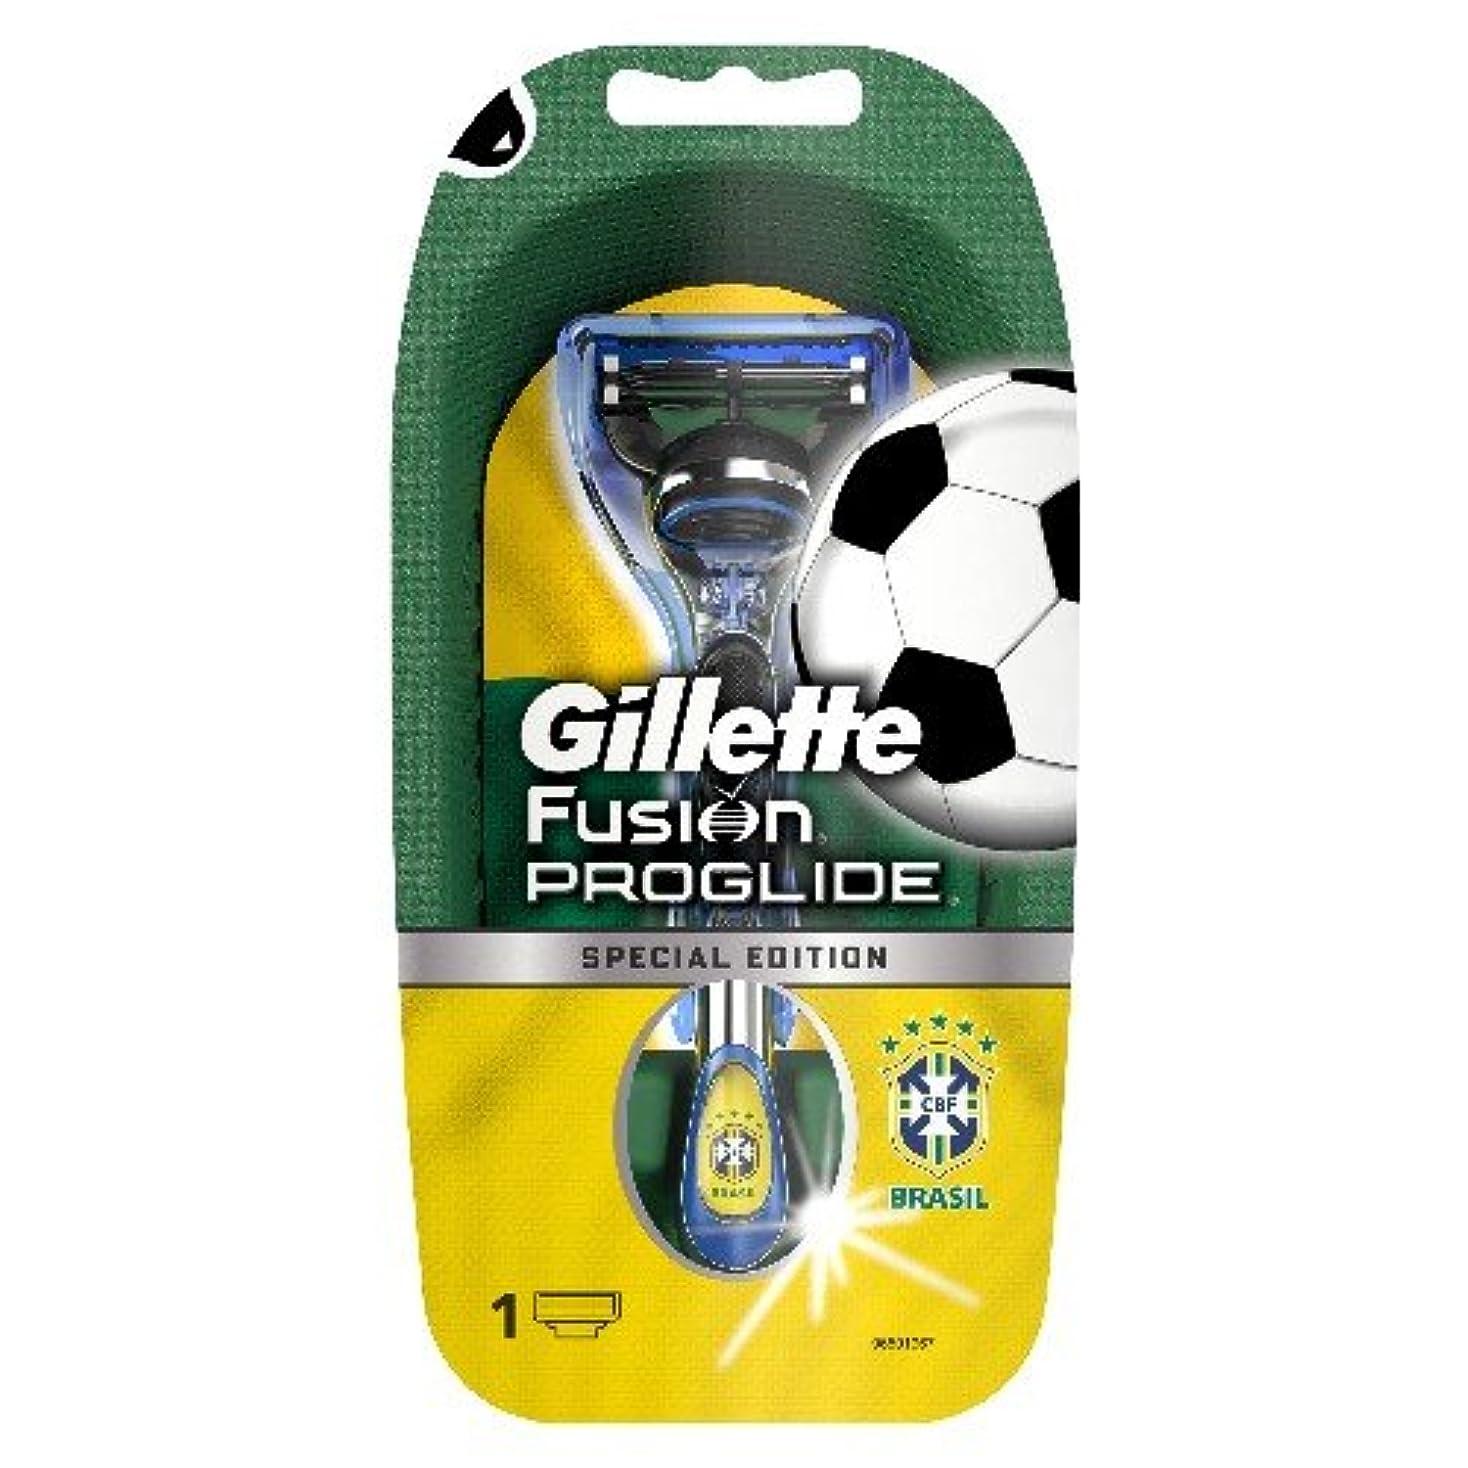 統合ストリップ手段【数量限定品】 ジレット プログライド サッカーブラジルモデルホルダー